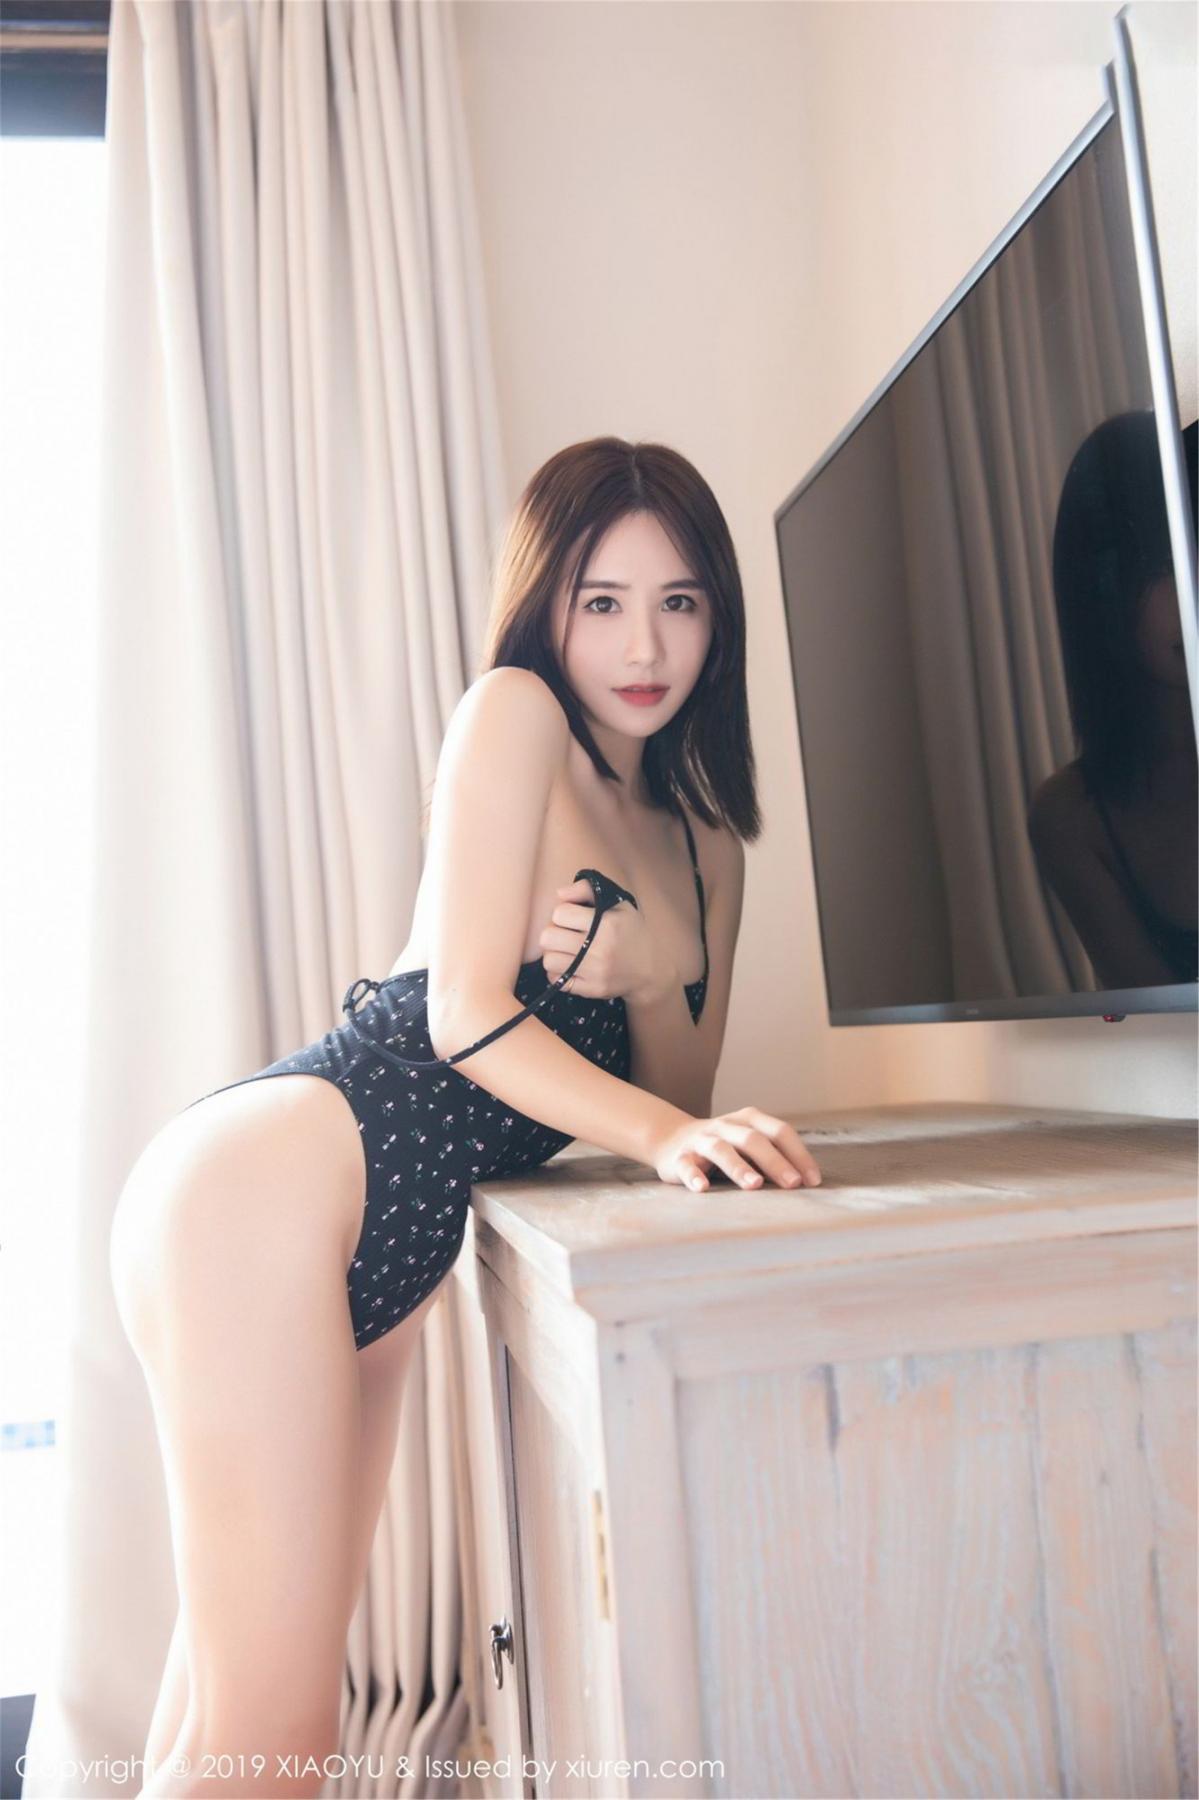 [XiaoYu] Vol.069 Xiao Mo Lin 35P, Lin Lin Ailin, Sexy, XiaoYu